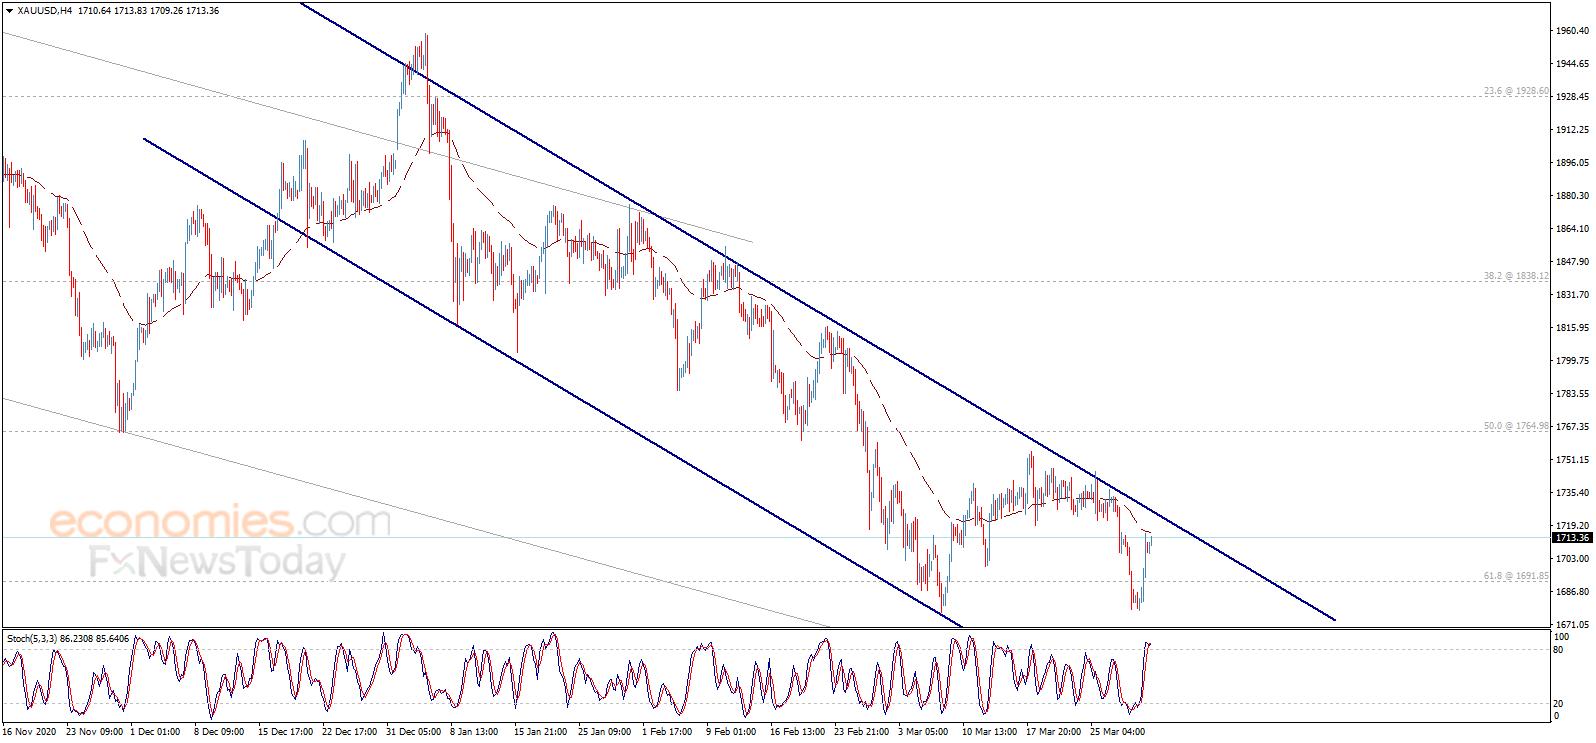 黄金日内交易分析:金价确认突破关键价位 后市有望再上涨约15美元